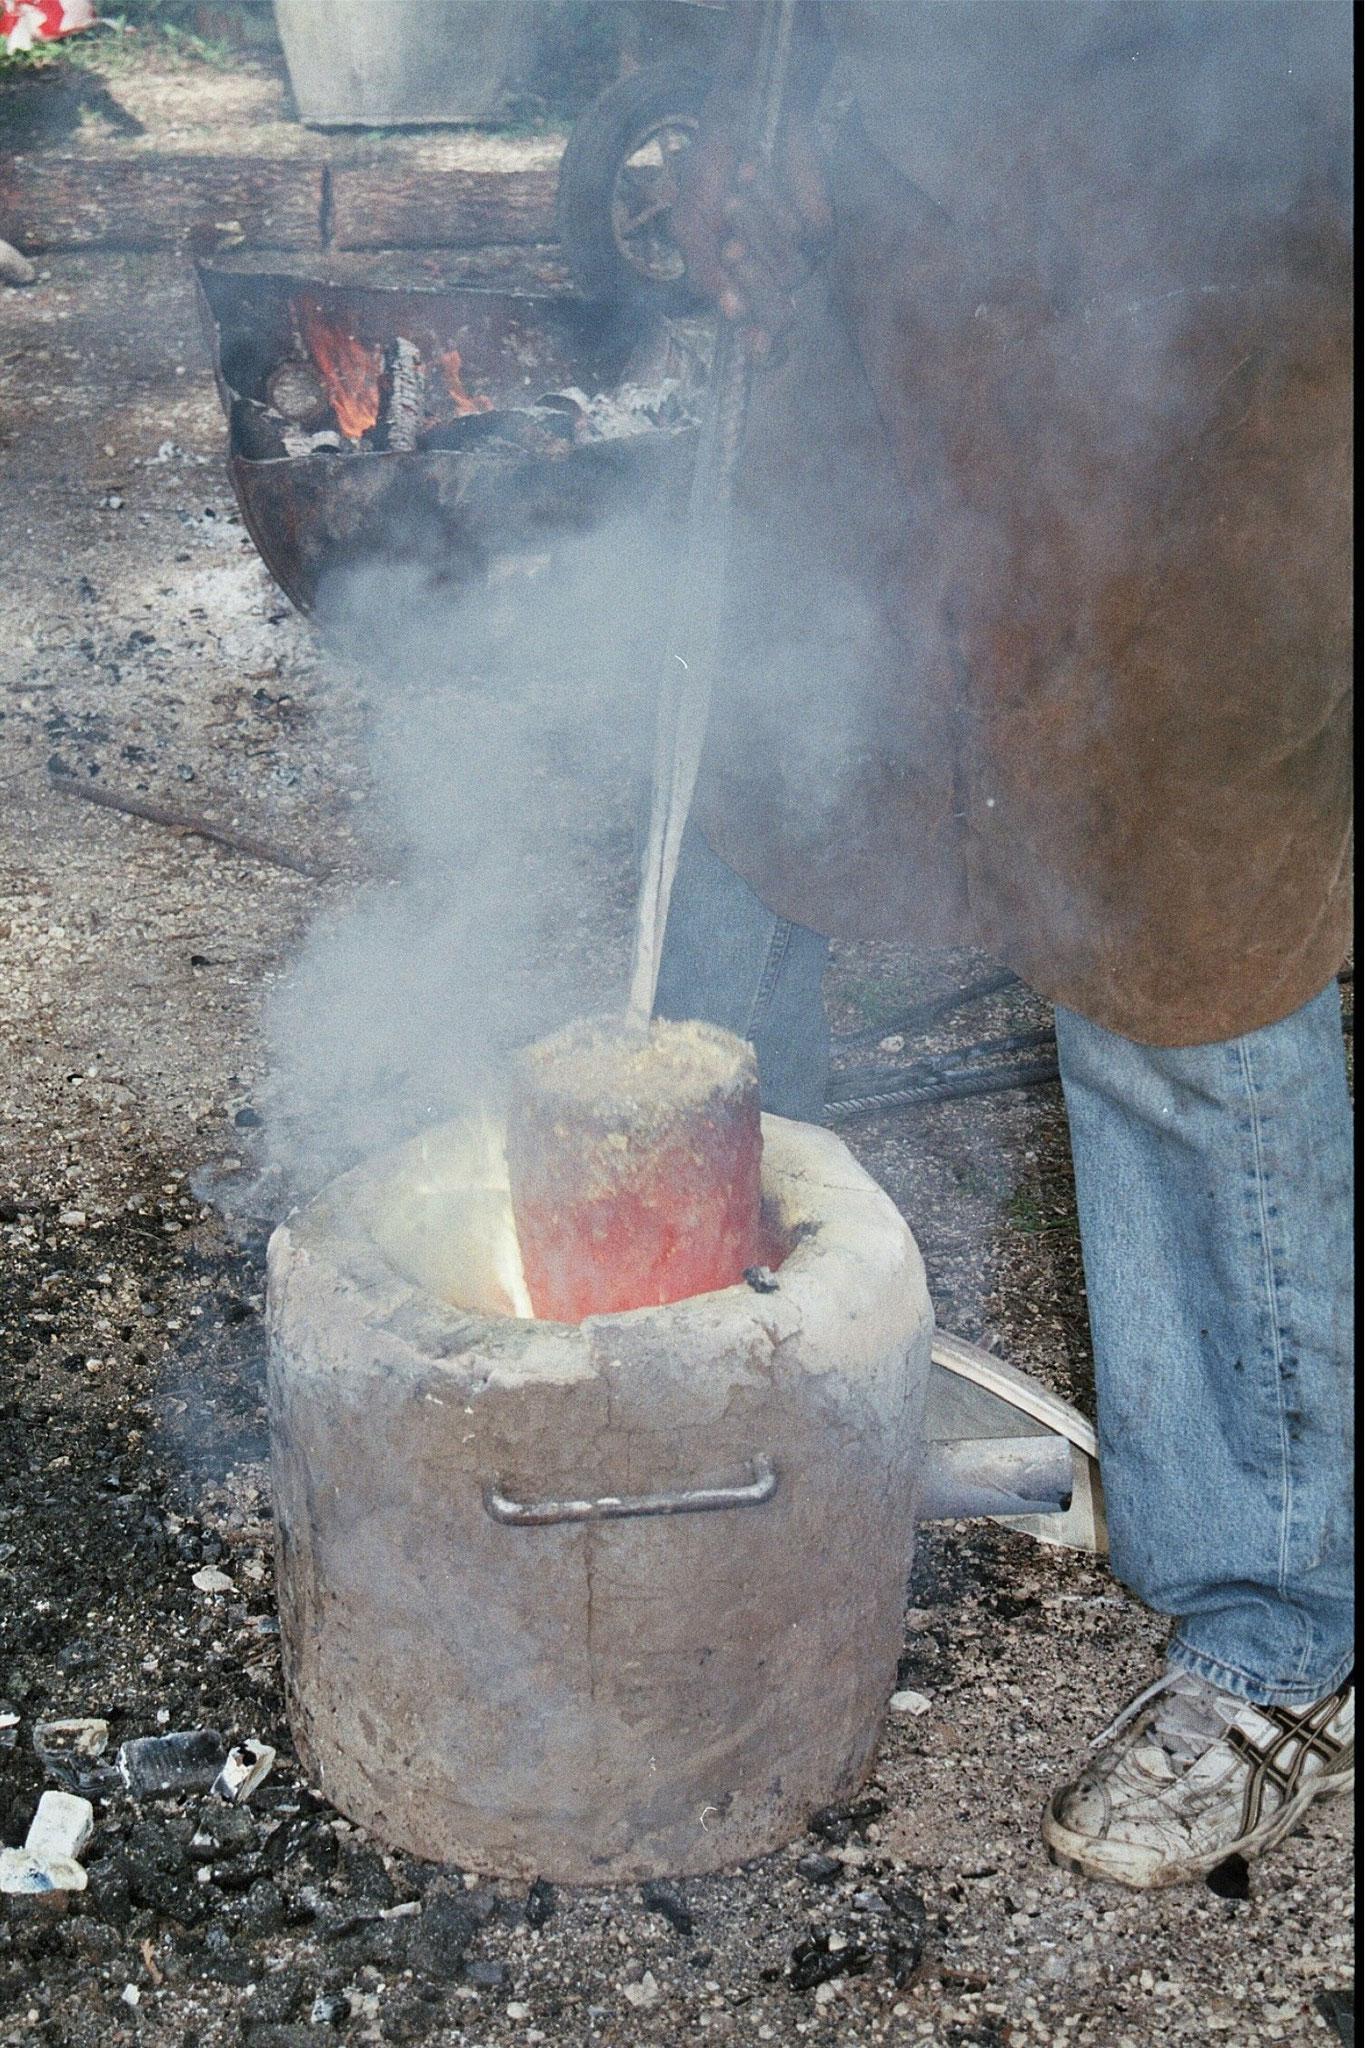 2015 - 47 Penne d'Agenais - Association Art et Histoire - Atelier, technique du bronze à la cire perdue - coulée du bronze